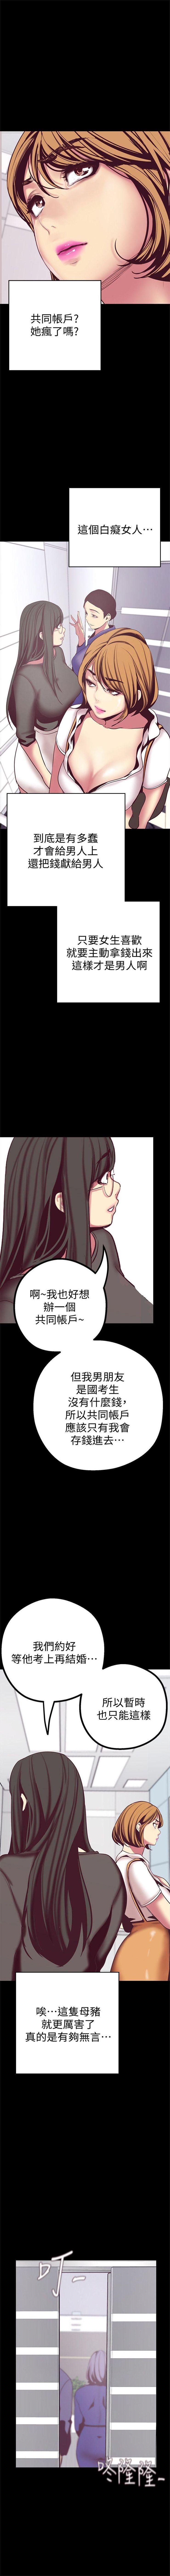 美麗新世界 1-85 官方中文(連載中) 149